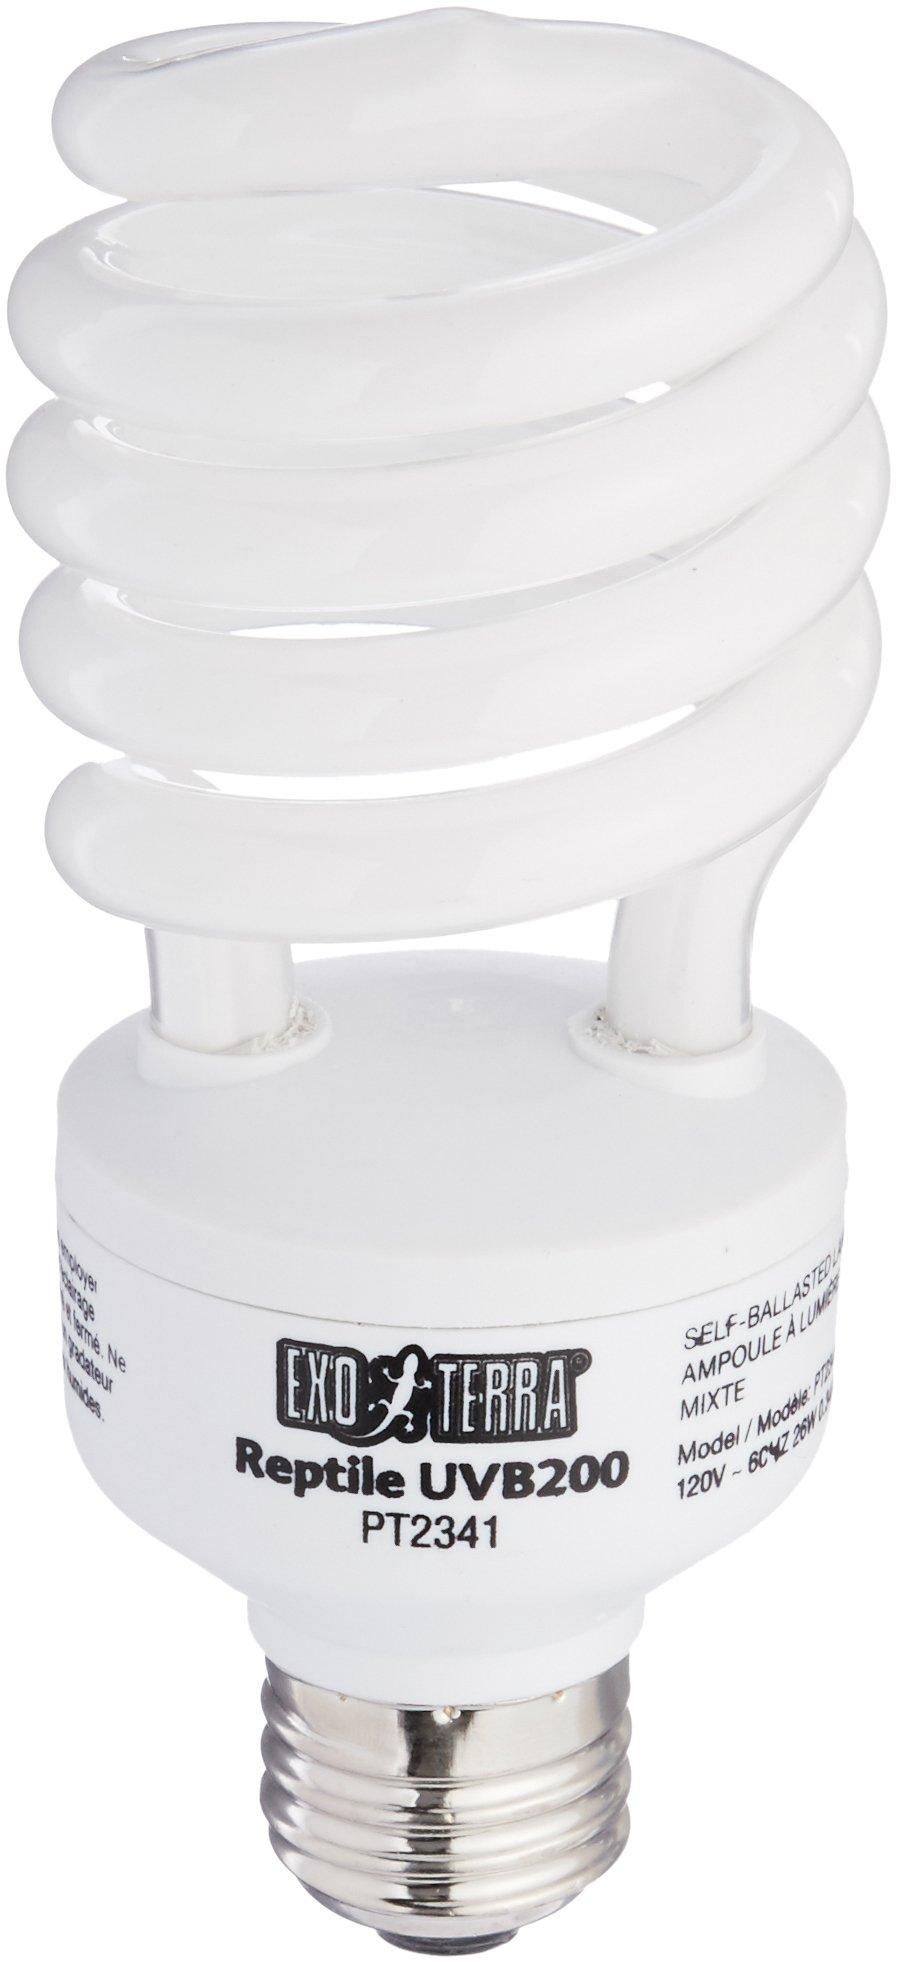 Exo Terra UVB 200 Intense Compact Fluorescent Lamp, 26-watt